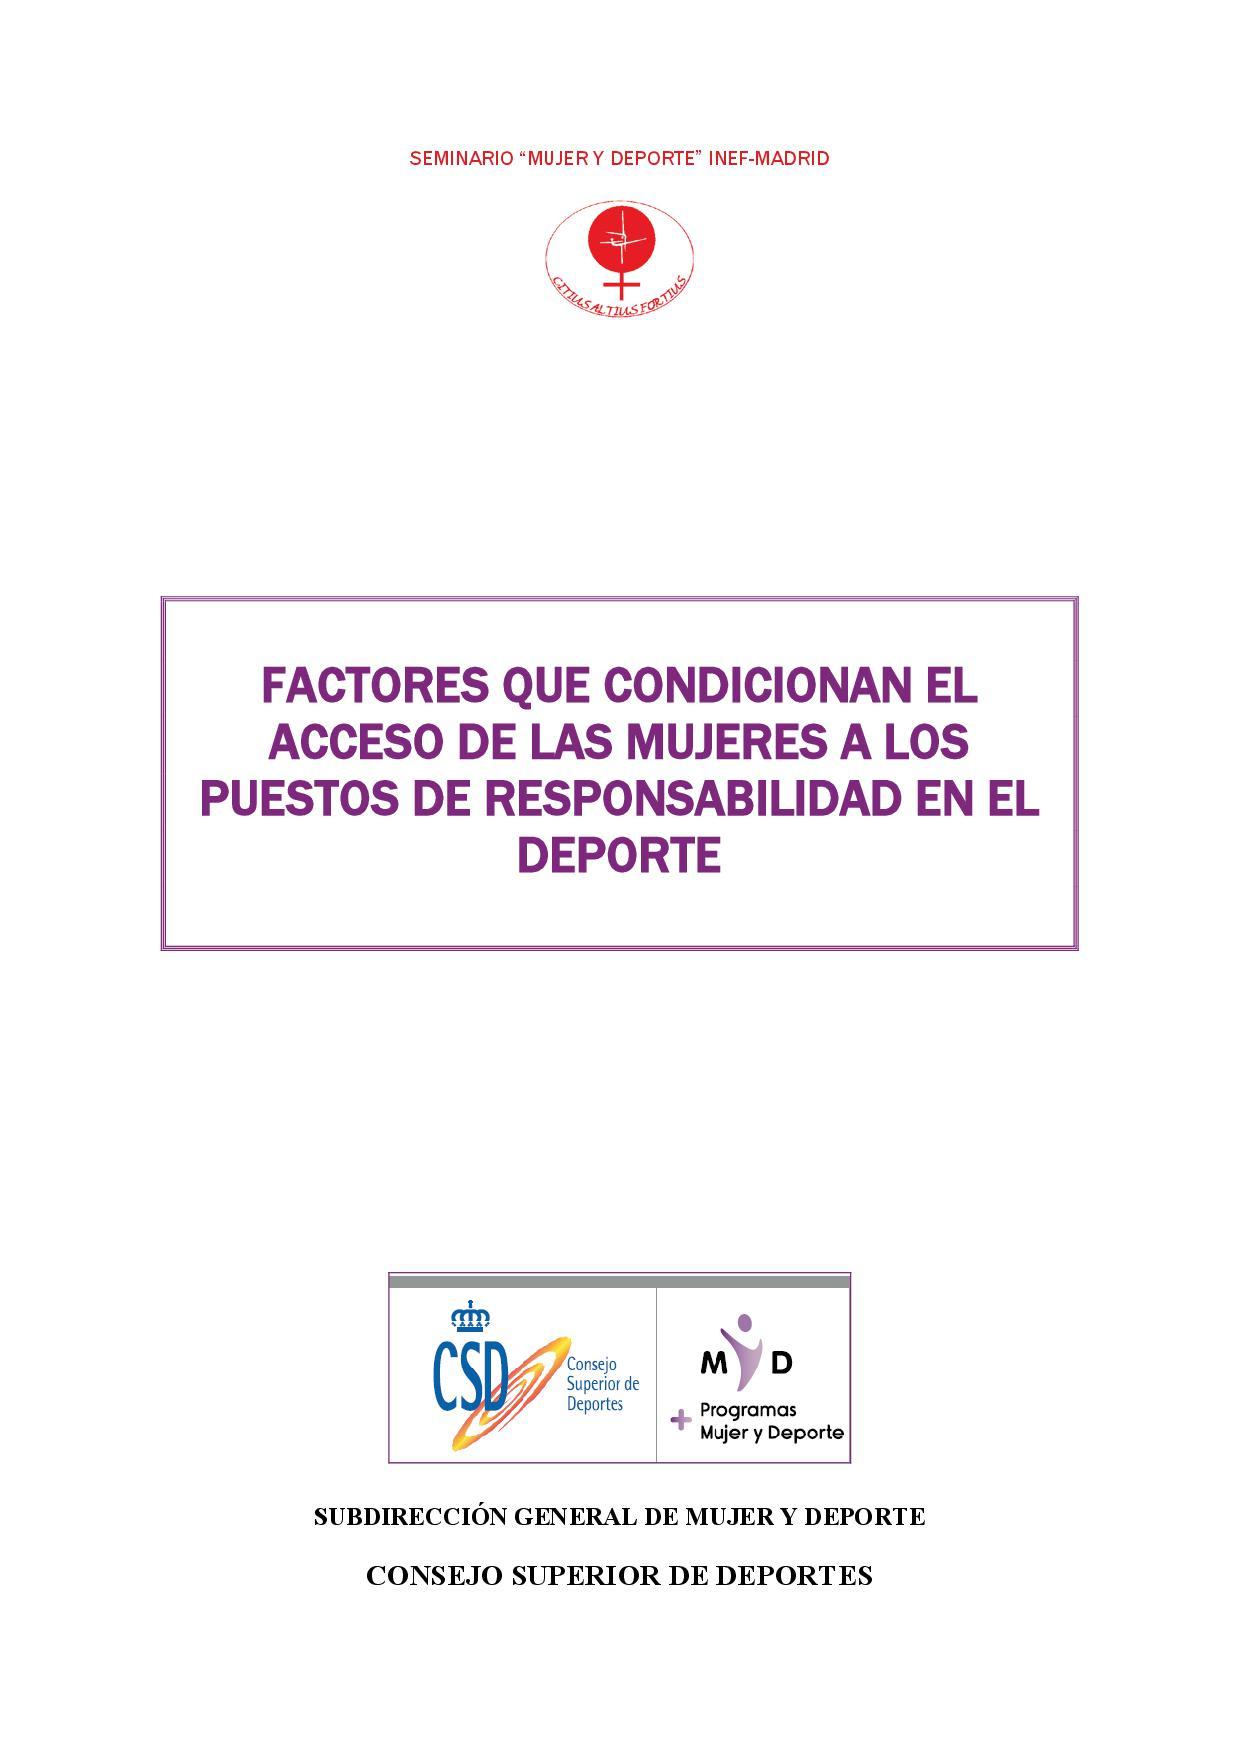 Factores que condicionan el acceso de las mujeres a los puestos de responsabilidad en el deporte - NIPO